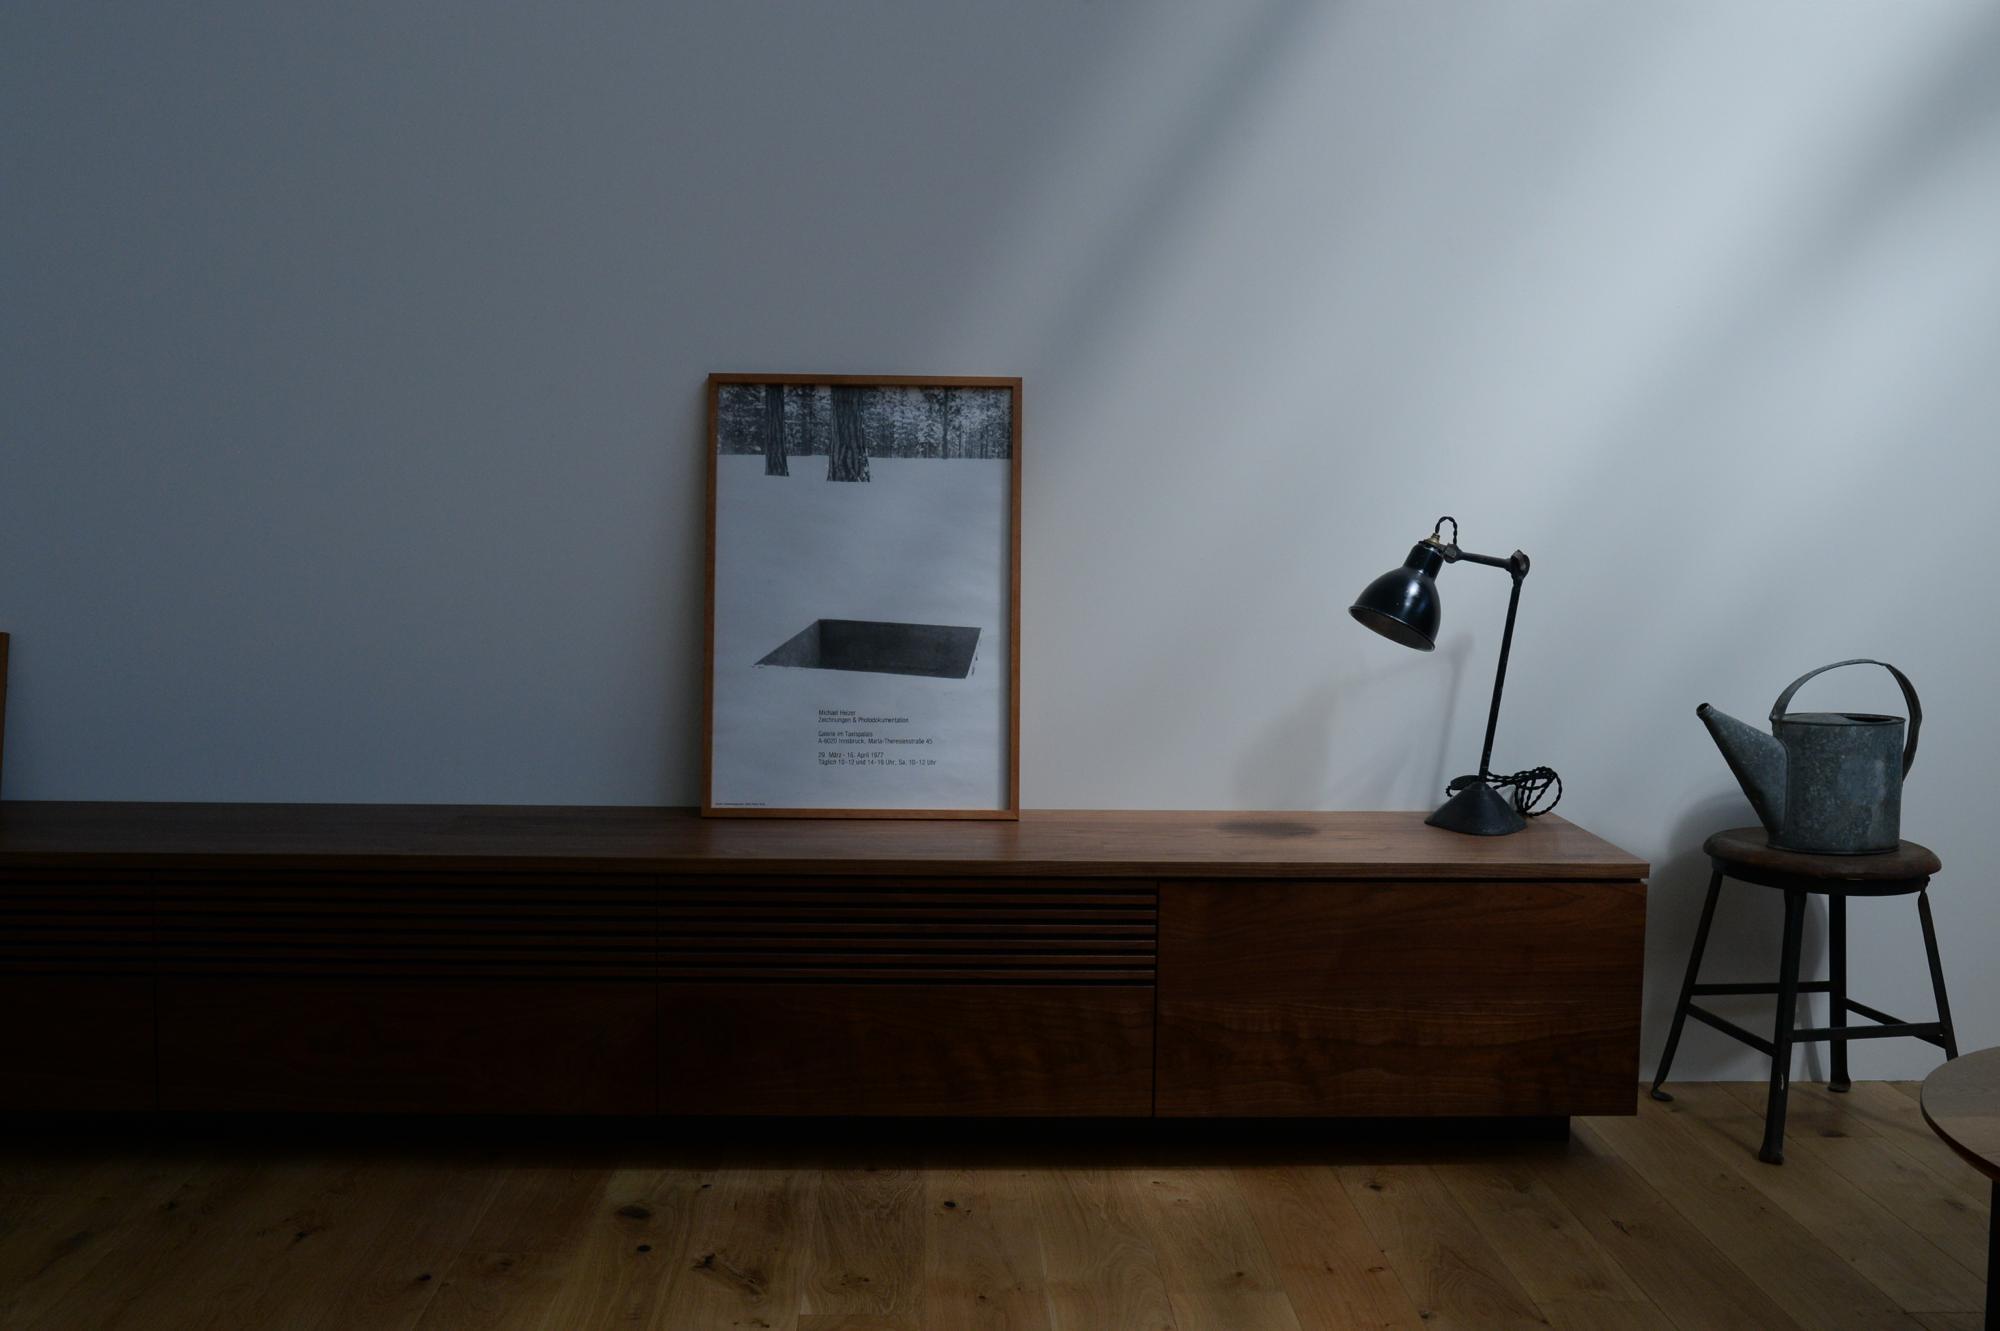 オーダー家具 無垢材 ウォールナット テレビボード